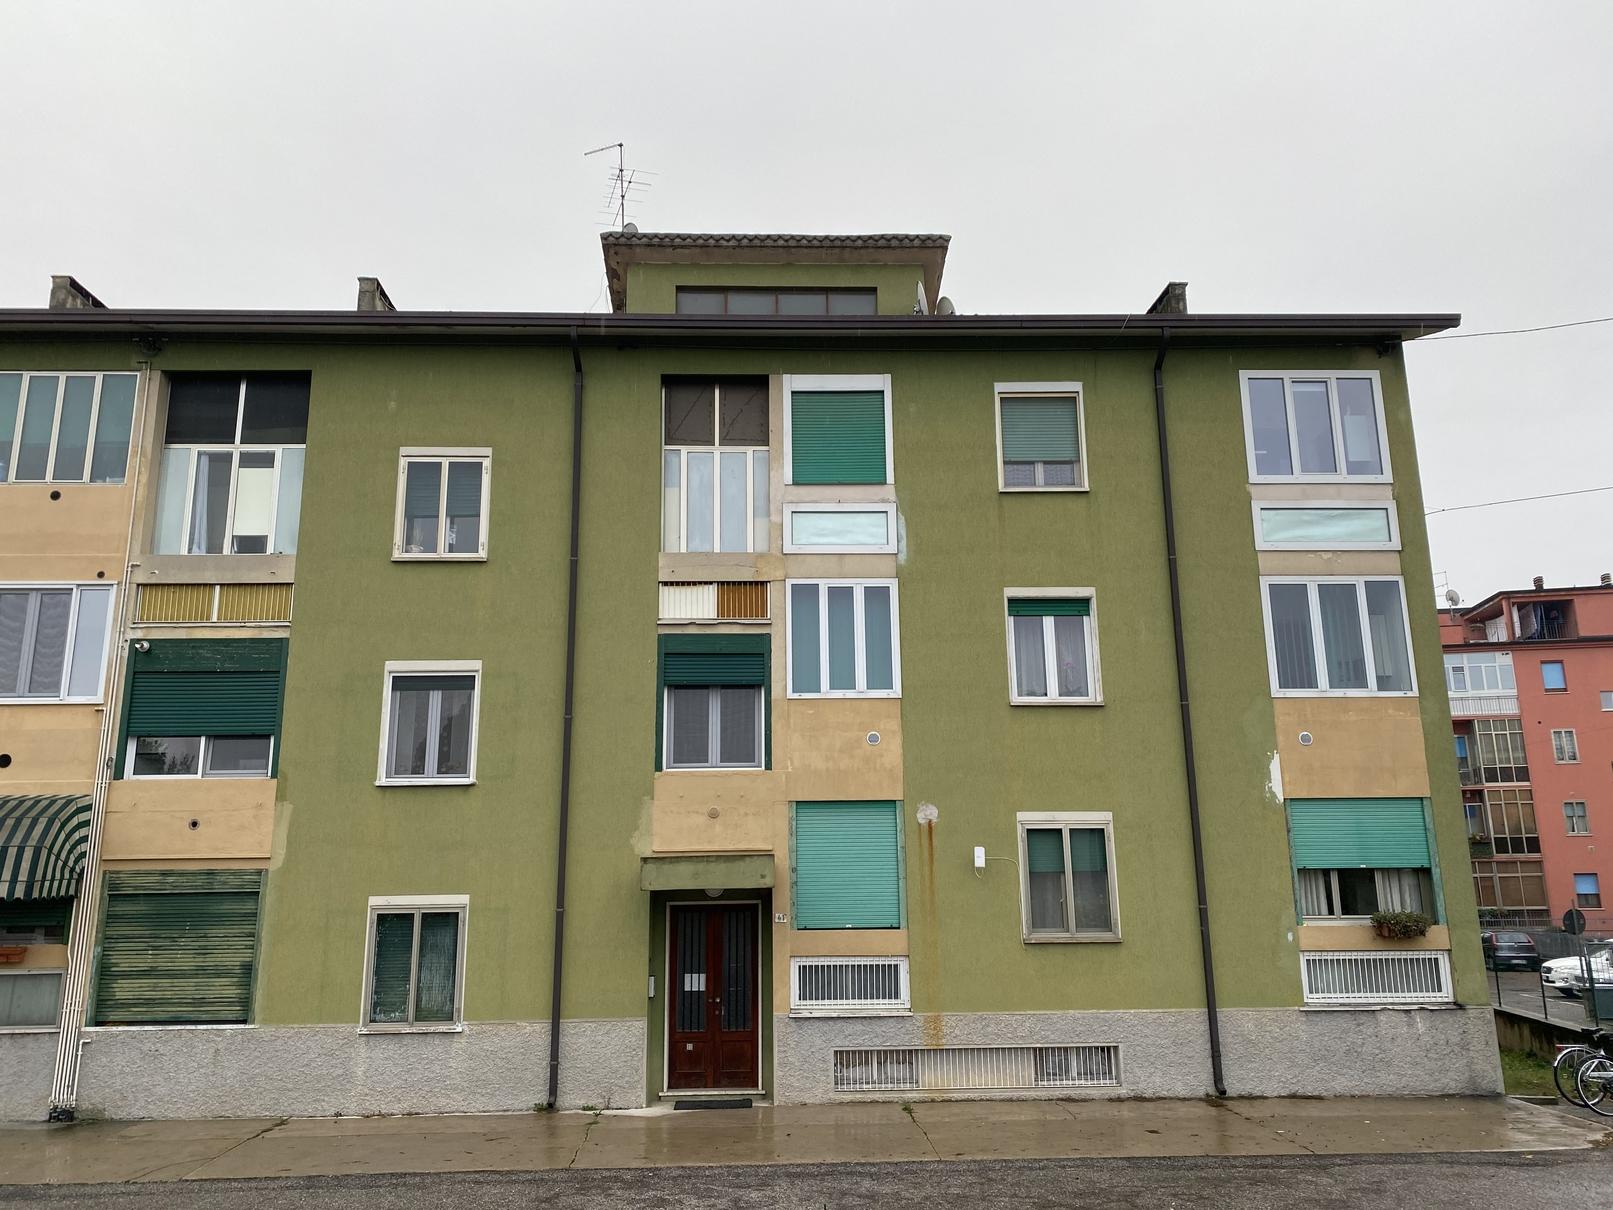 Appartamento Ultimo Piano In Vendita A Villafranca Di Verona Via Grezzano La Corte Immobiliare Srl